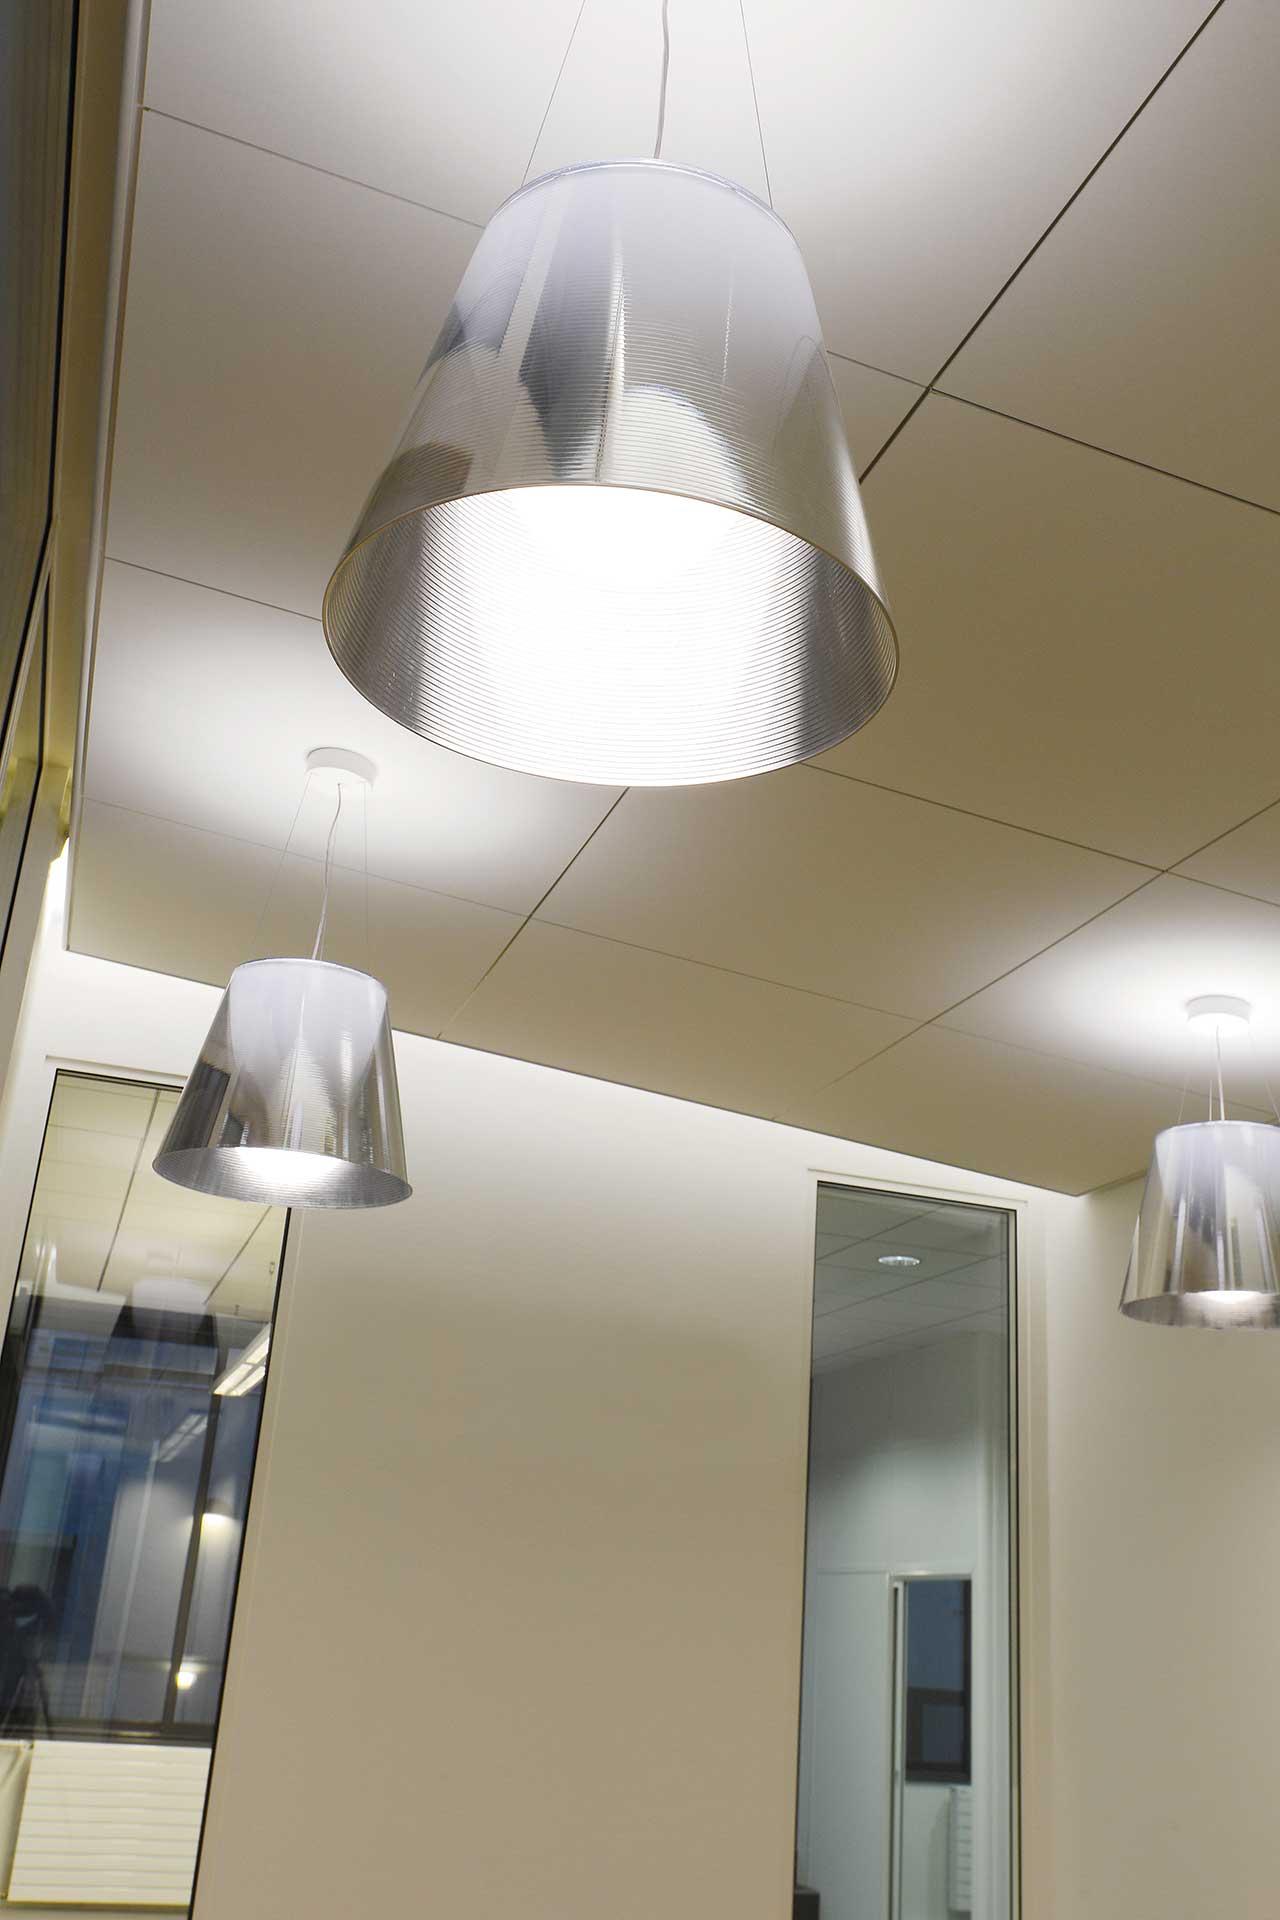 Plafonds suspendus démontables dalles phoniques 1200x1200